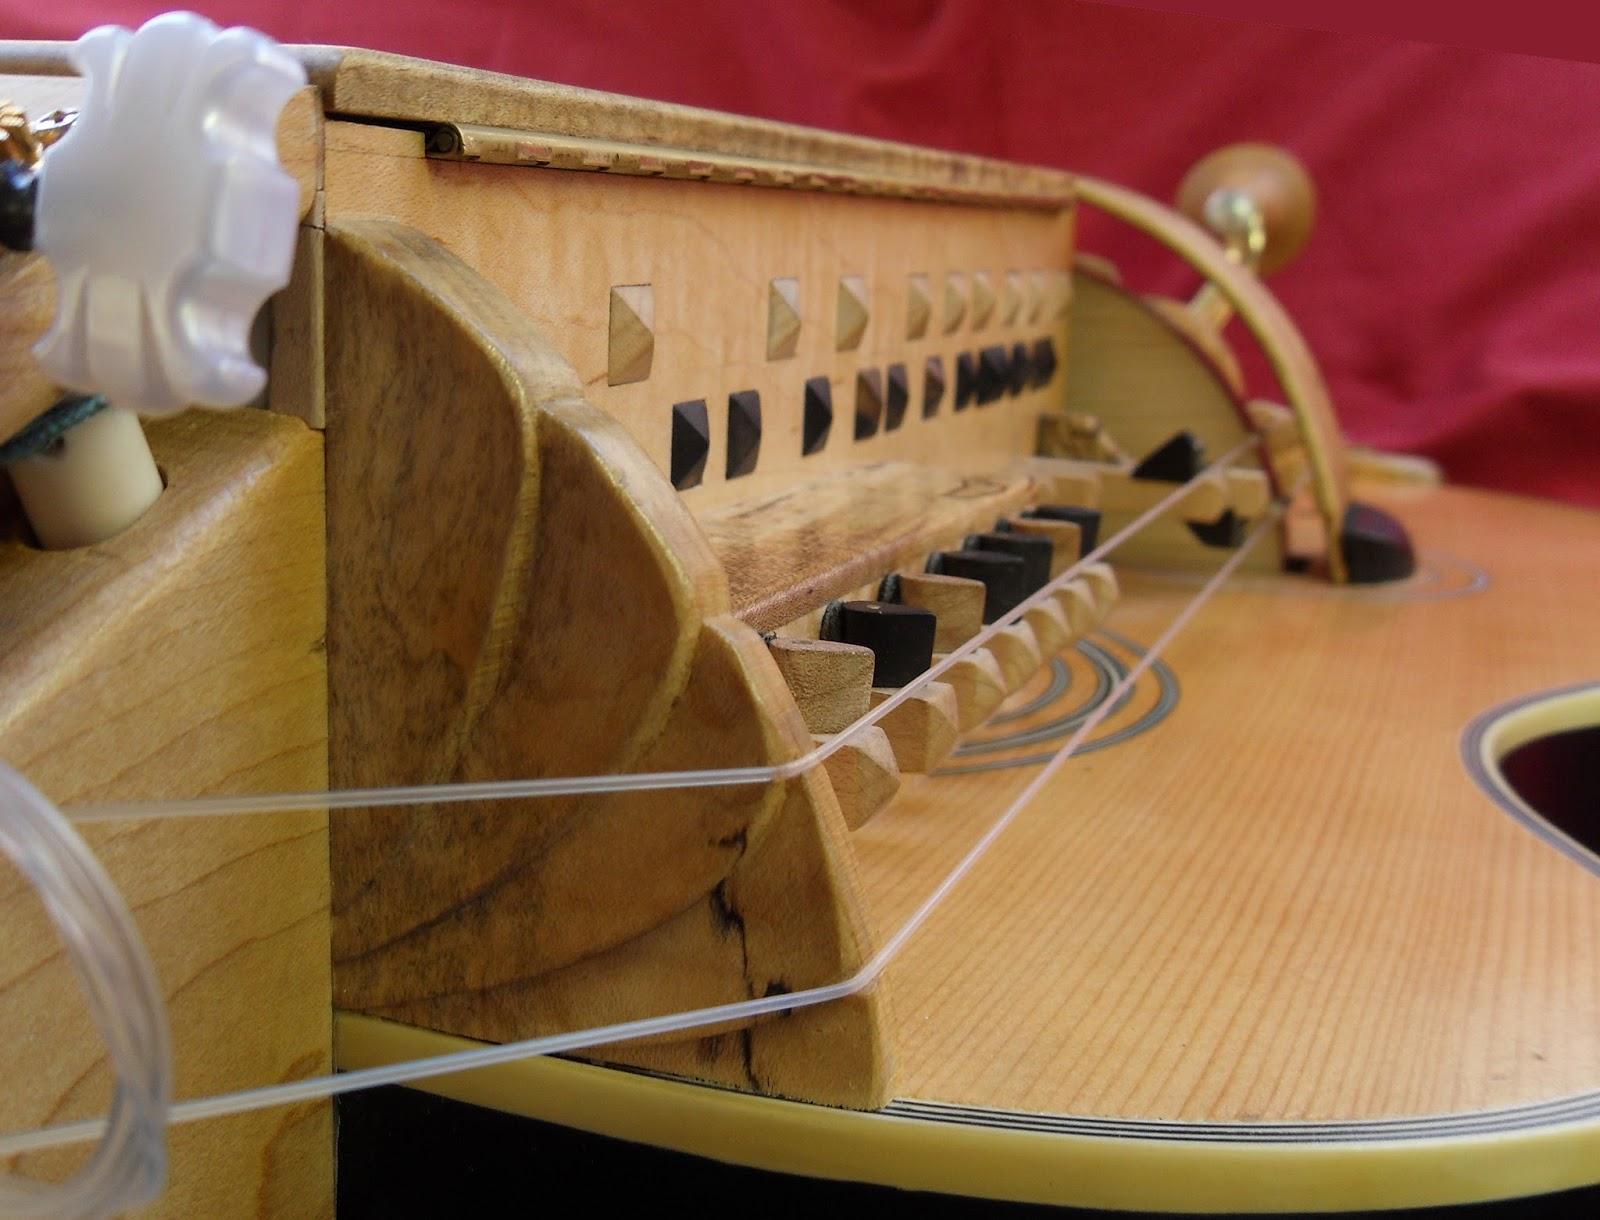 joel peyton luthier june 2014. Black Bedroom Furniture Sets. Home Design Ideas